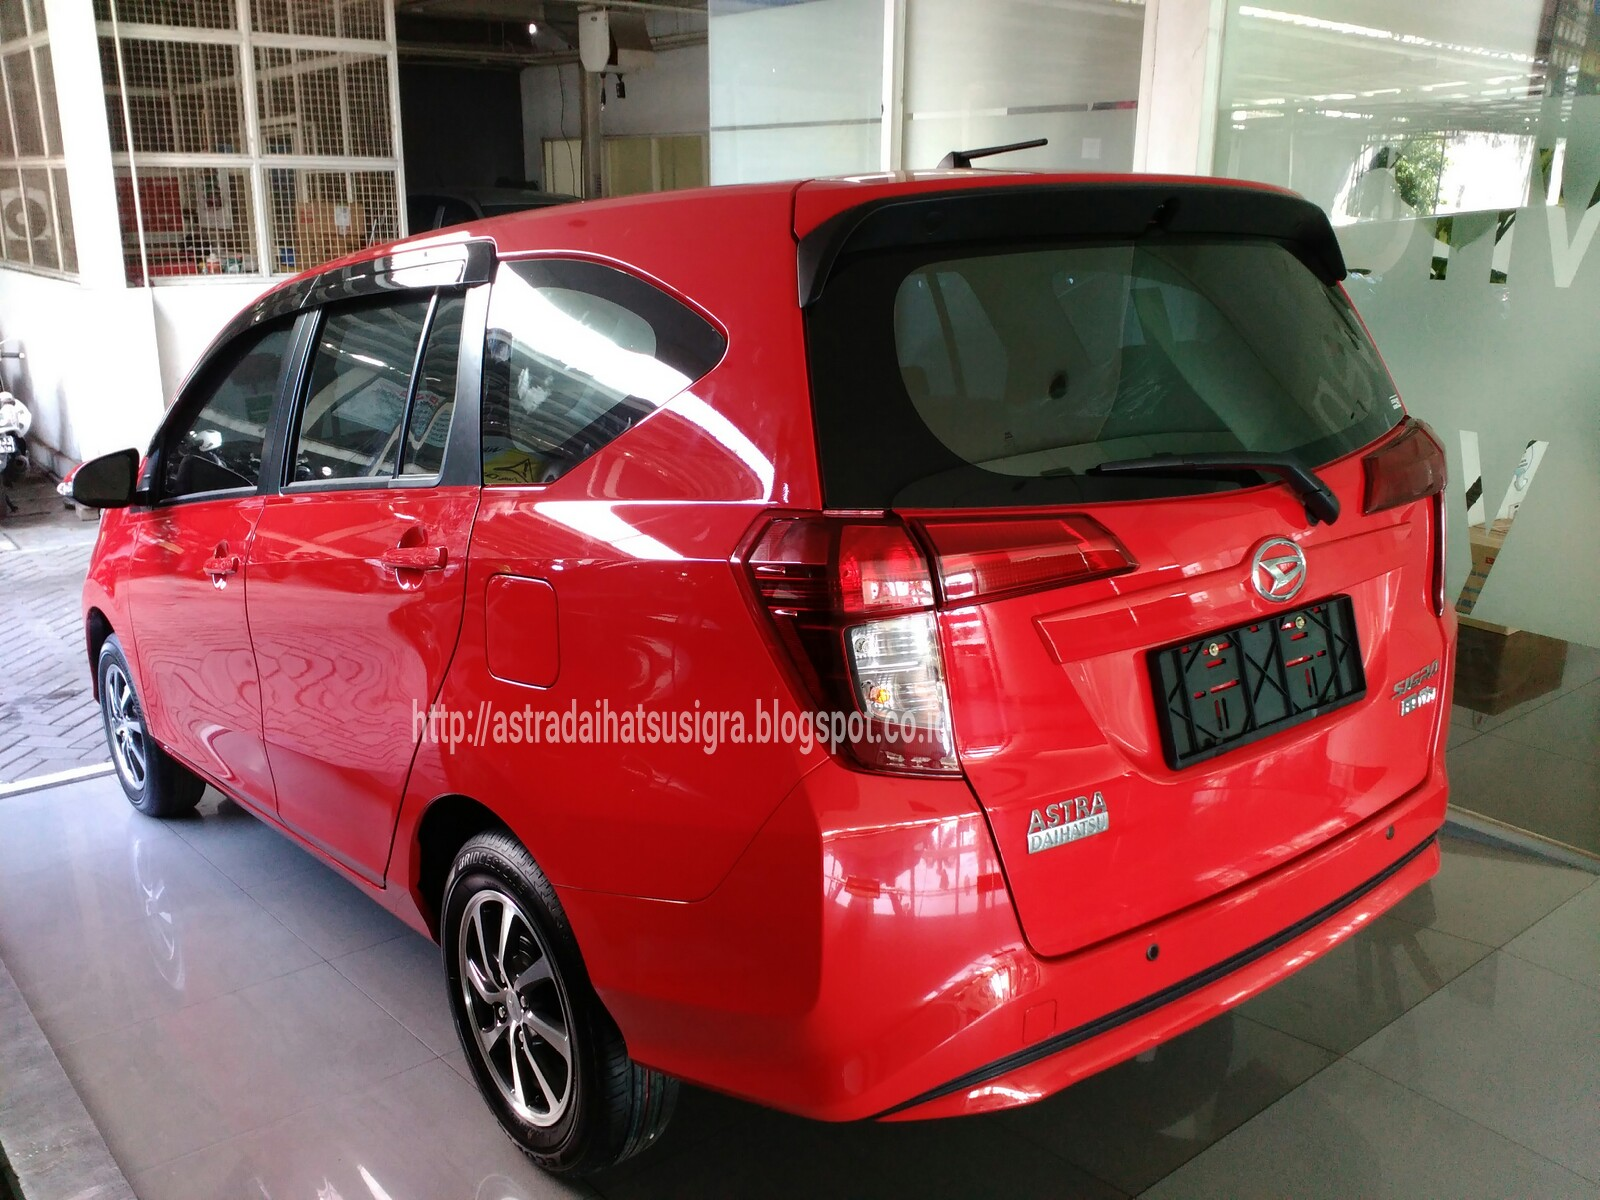 84 Modif Mobil Sigra Merah Gratis Terbaru